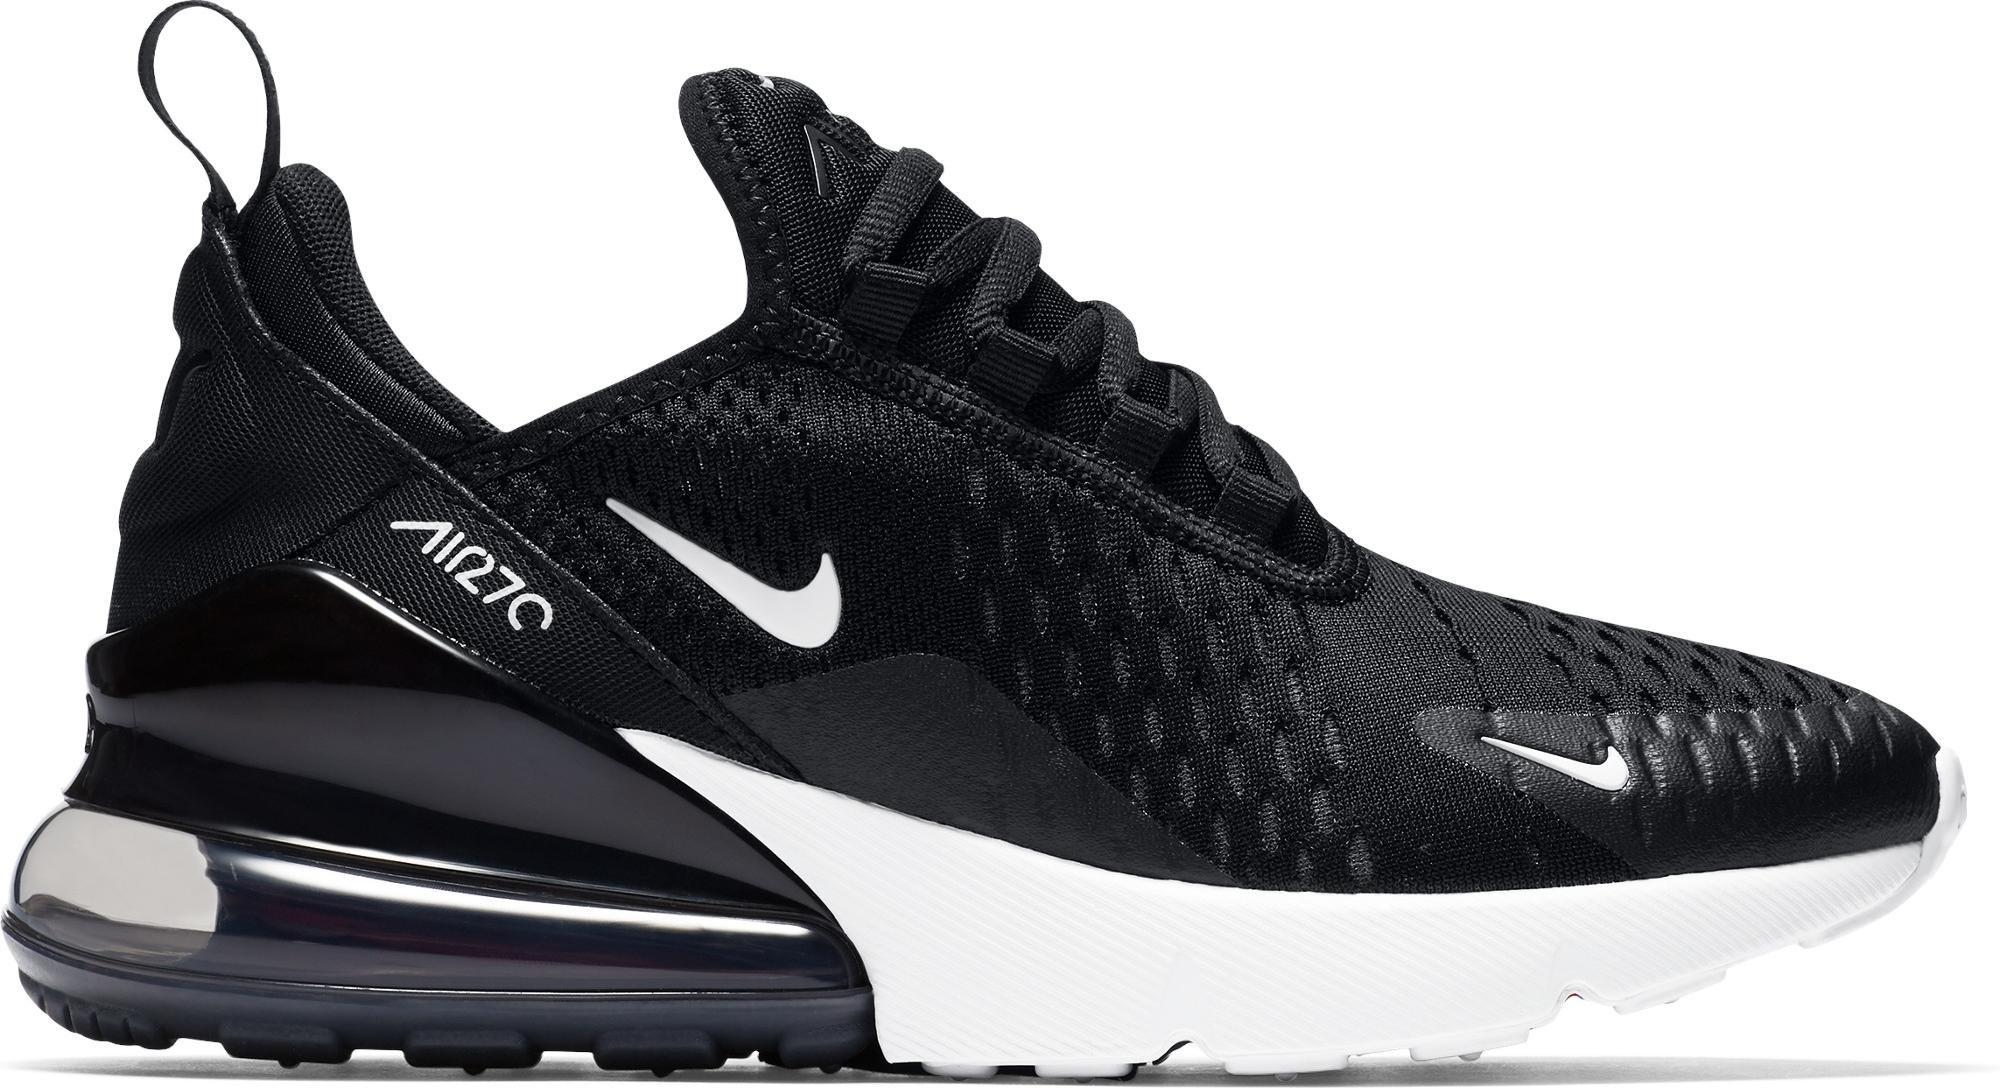 Nike Air Max 270 Black White (GS